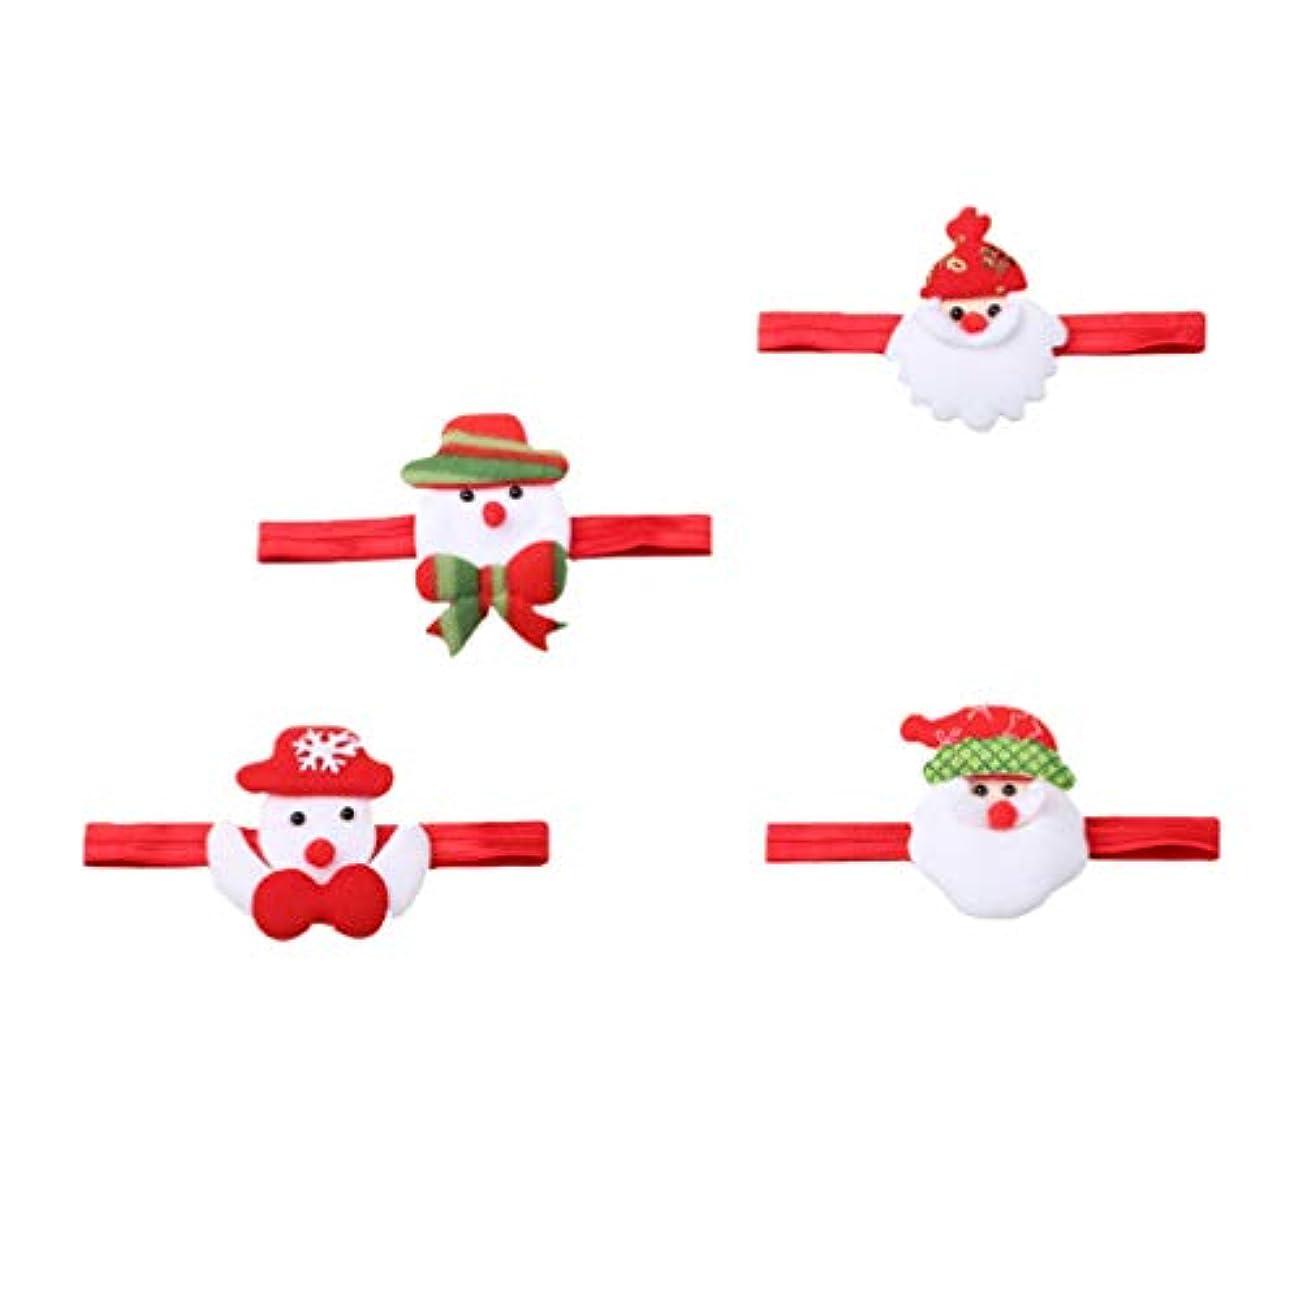 祝福する赤外線引き金Lurrose クリスマスサンタカチューシャ雪だるまヘアバンド漫画サンタクロース頭飾り用クリスマスホリデーパーティー4ピース